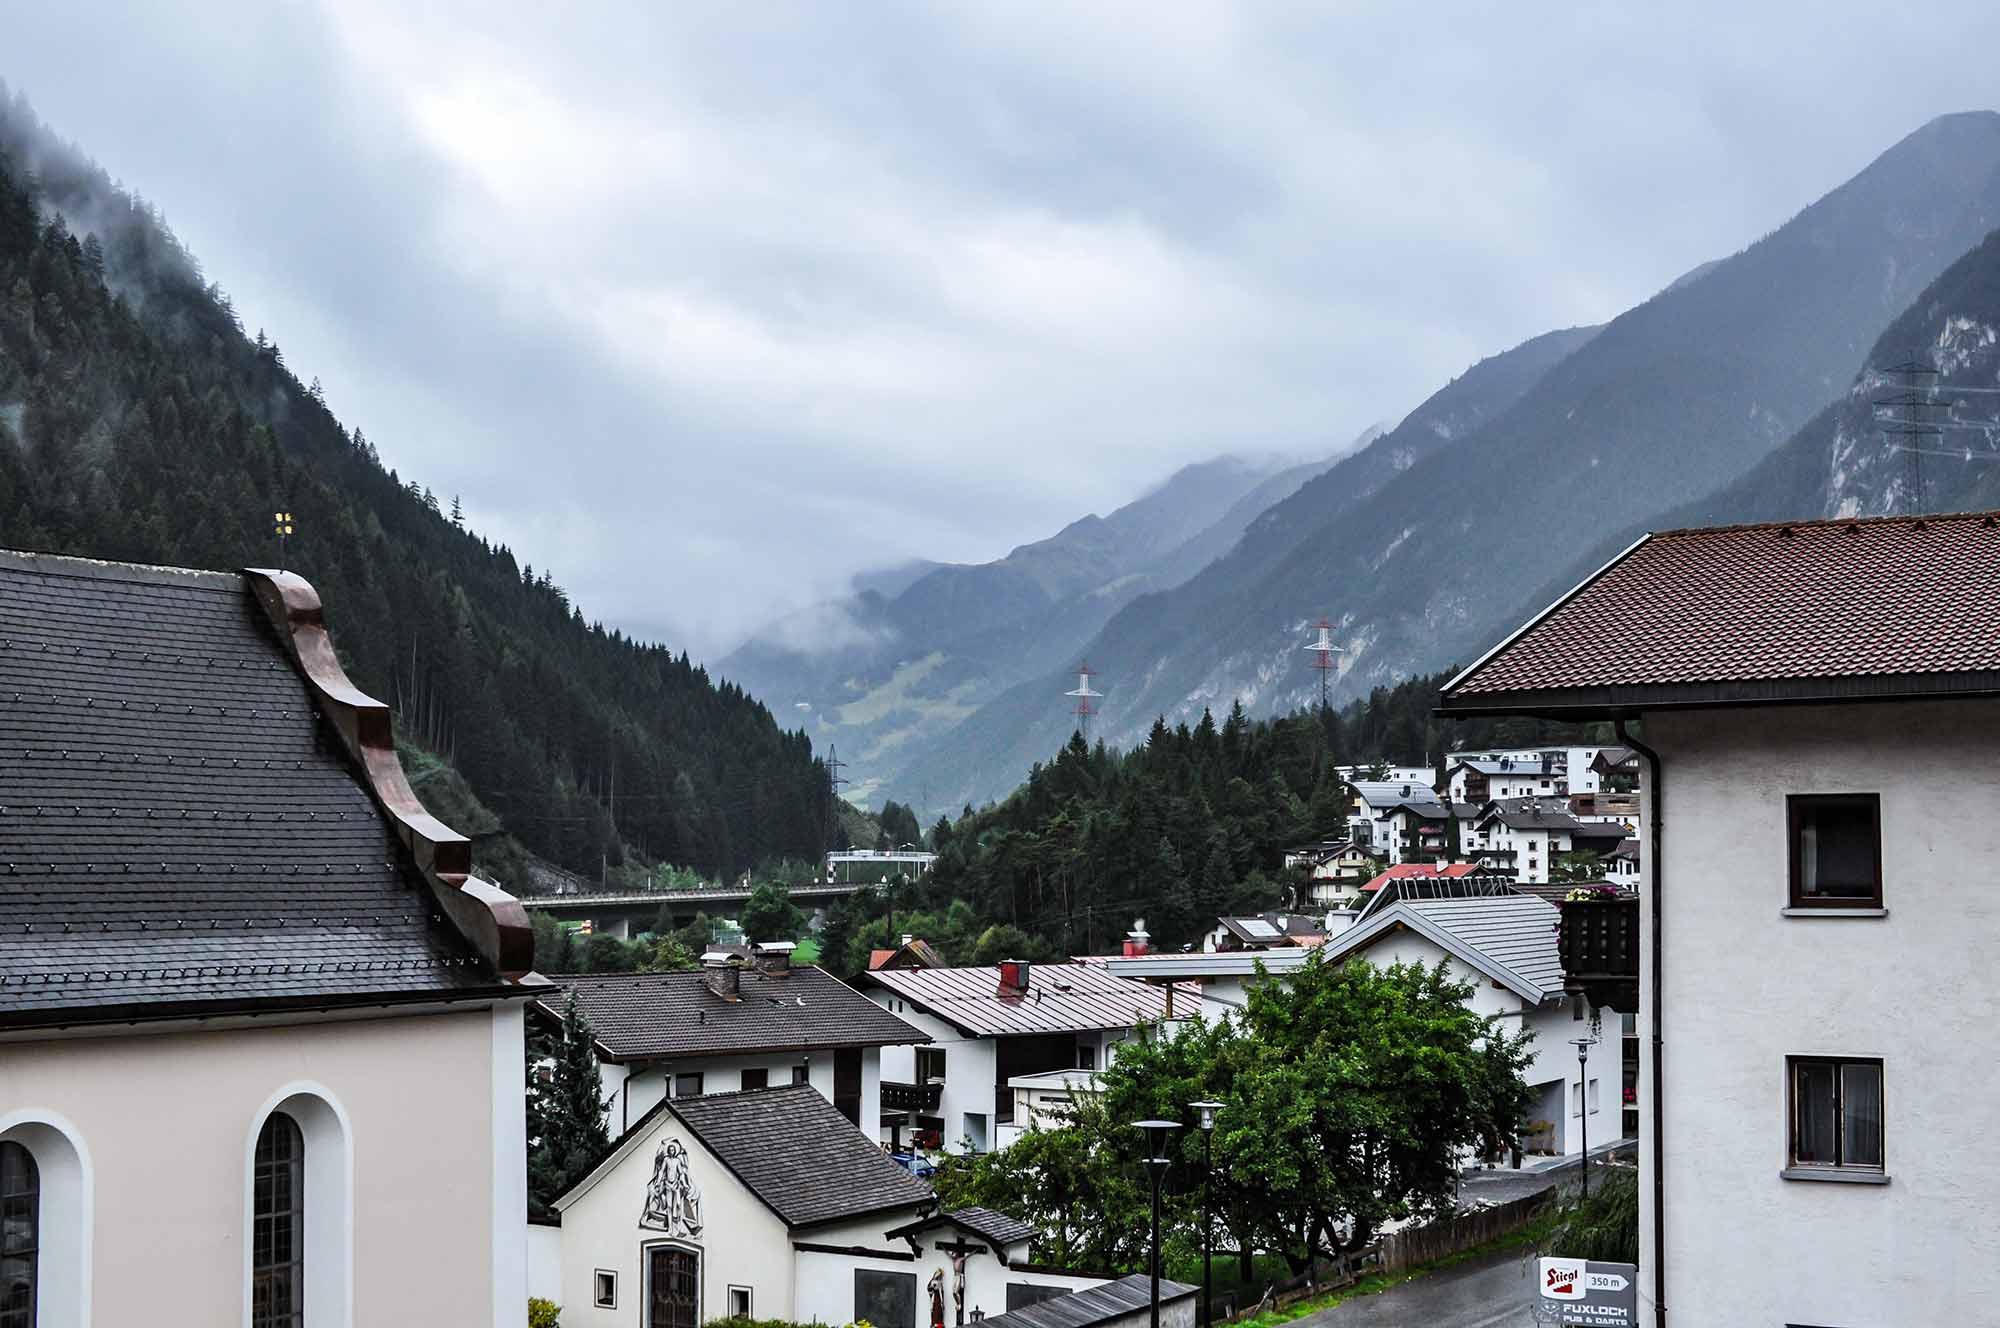 Im Bild: Das Bundesland Tirol von Österreich